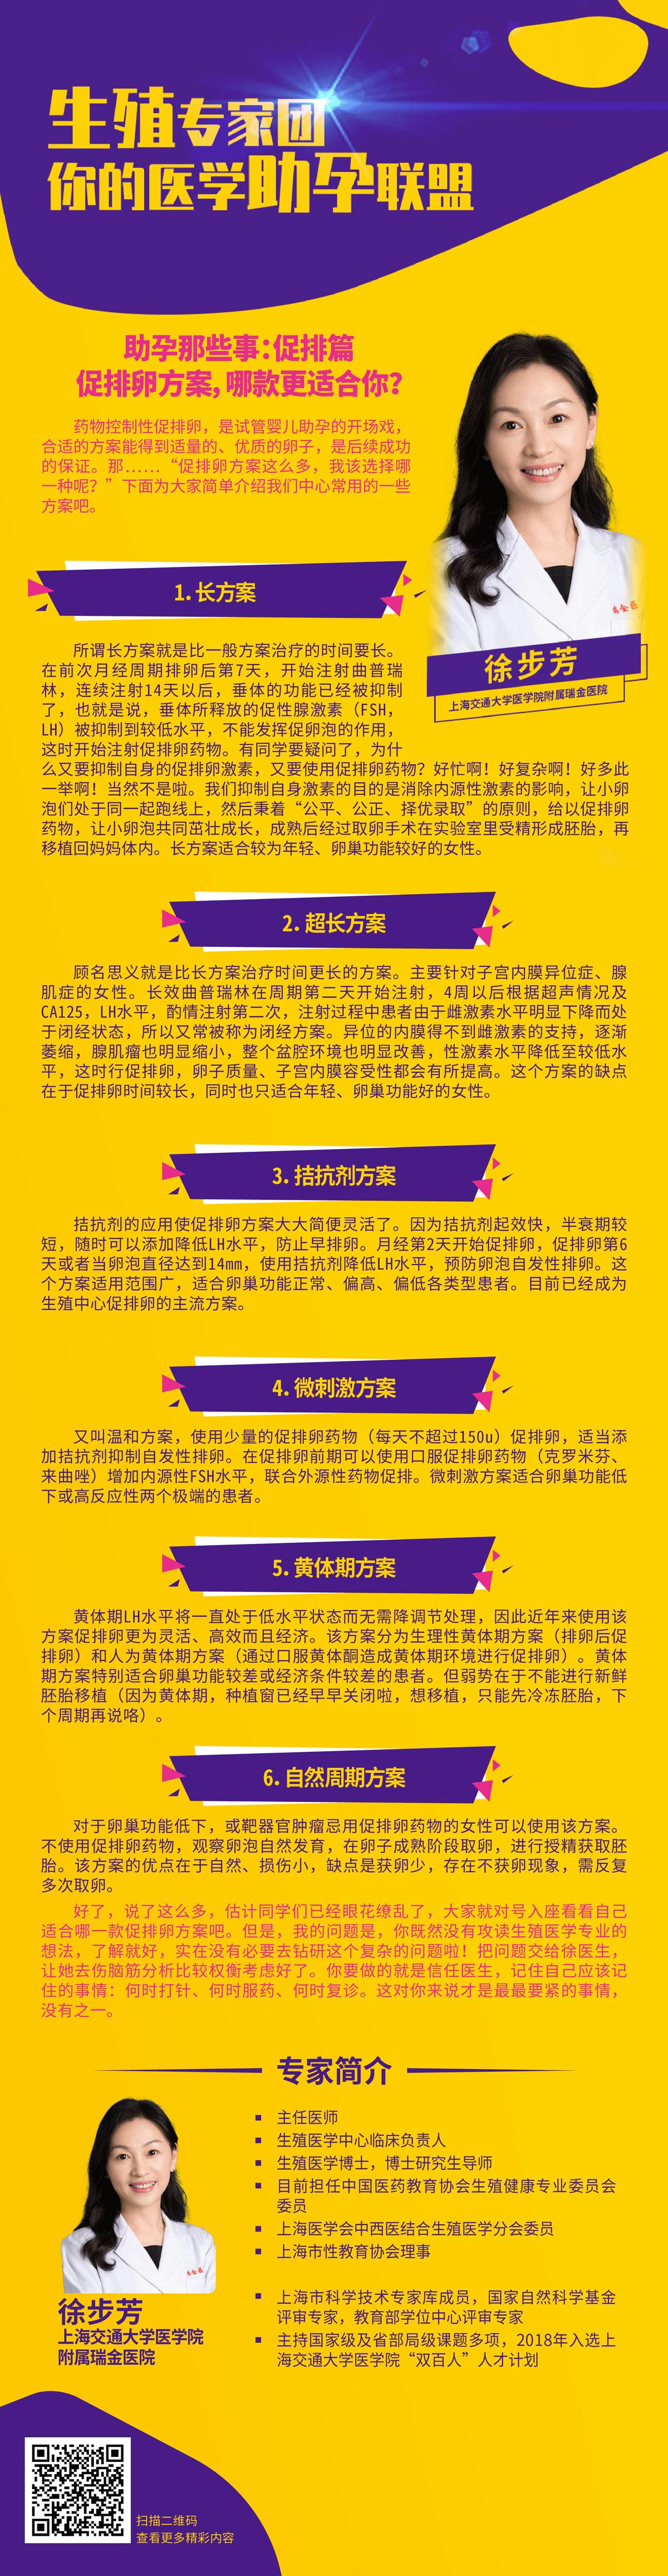 徐步芳-新.png